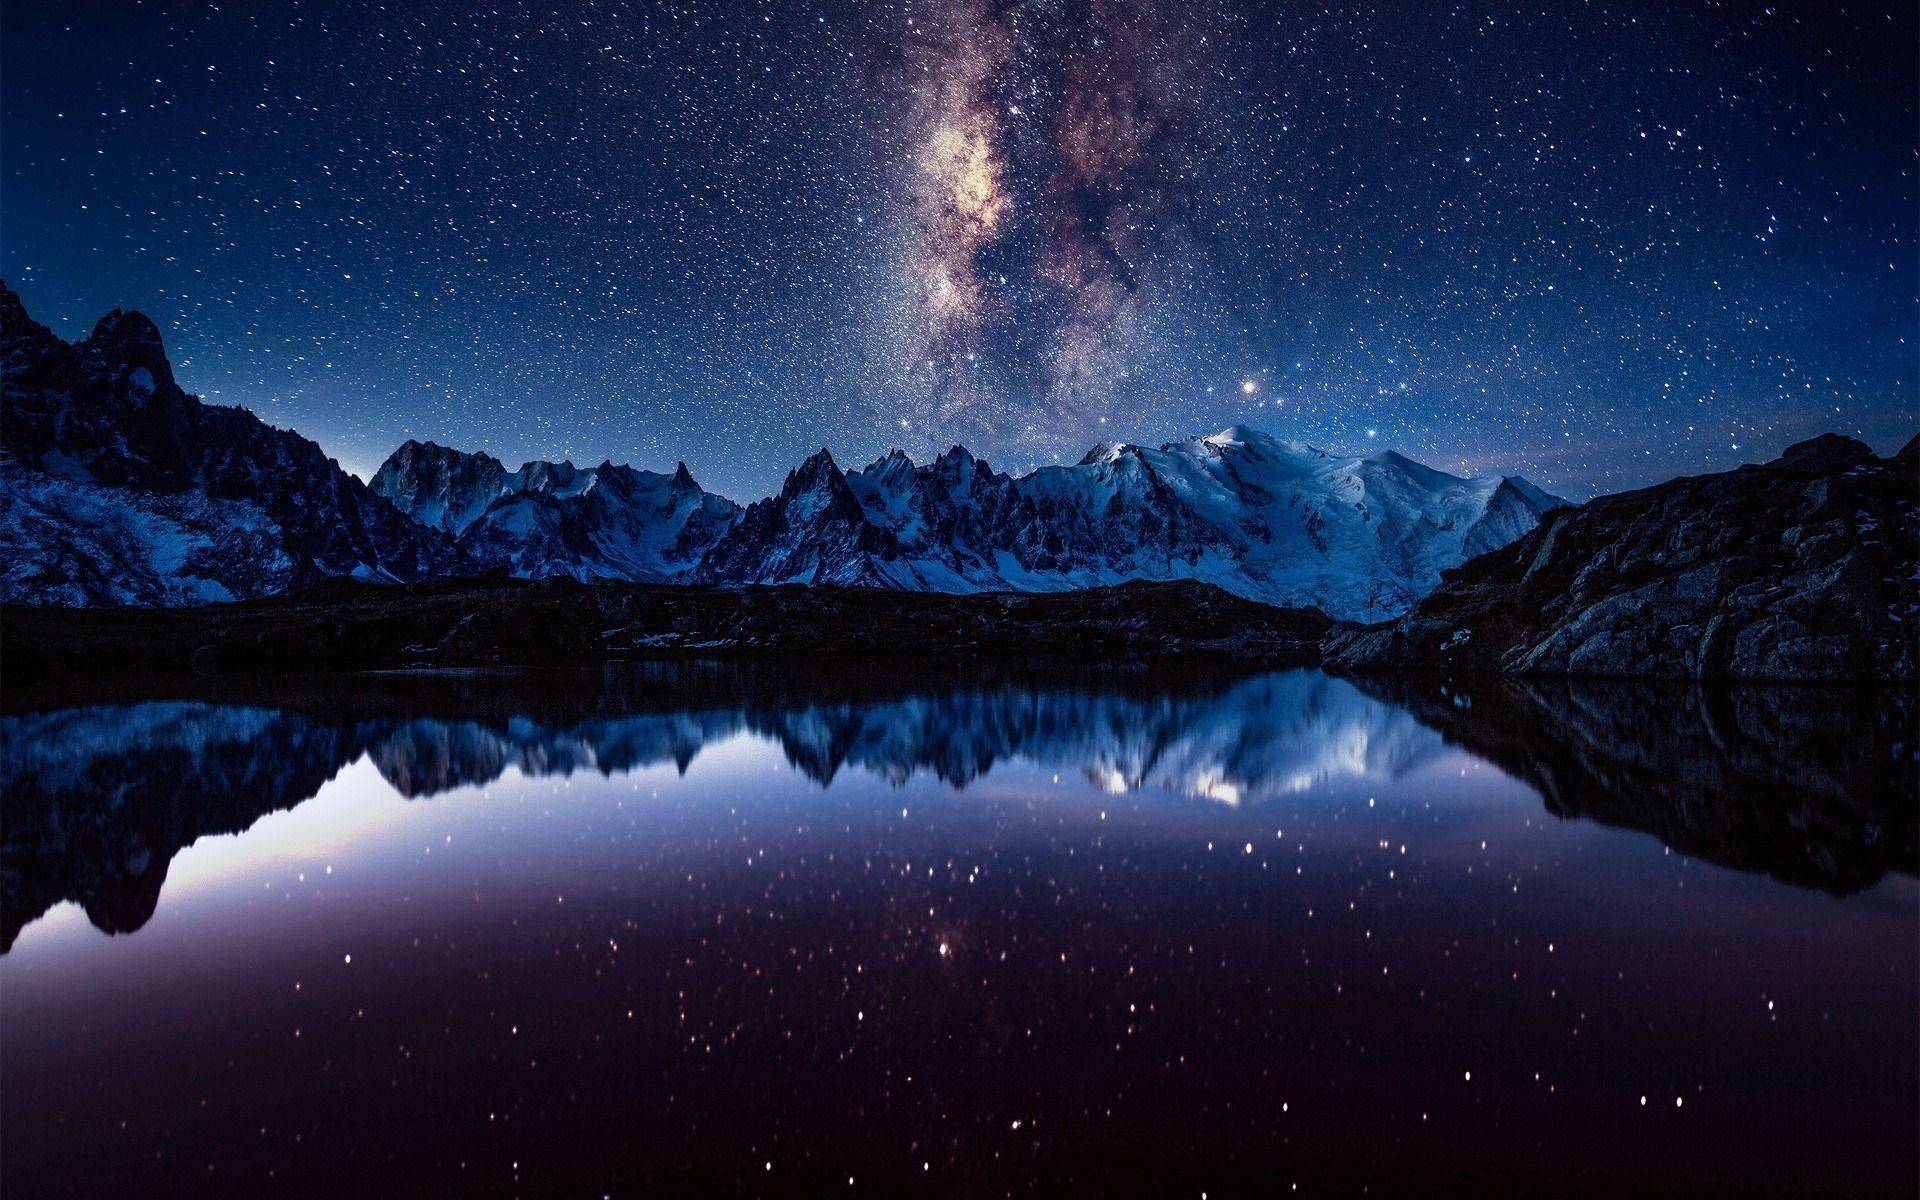 Скачать обои млечный путь, горы, ночь, звезды, небо, раздел пейзажи в разрешении 1920x1200